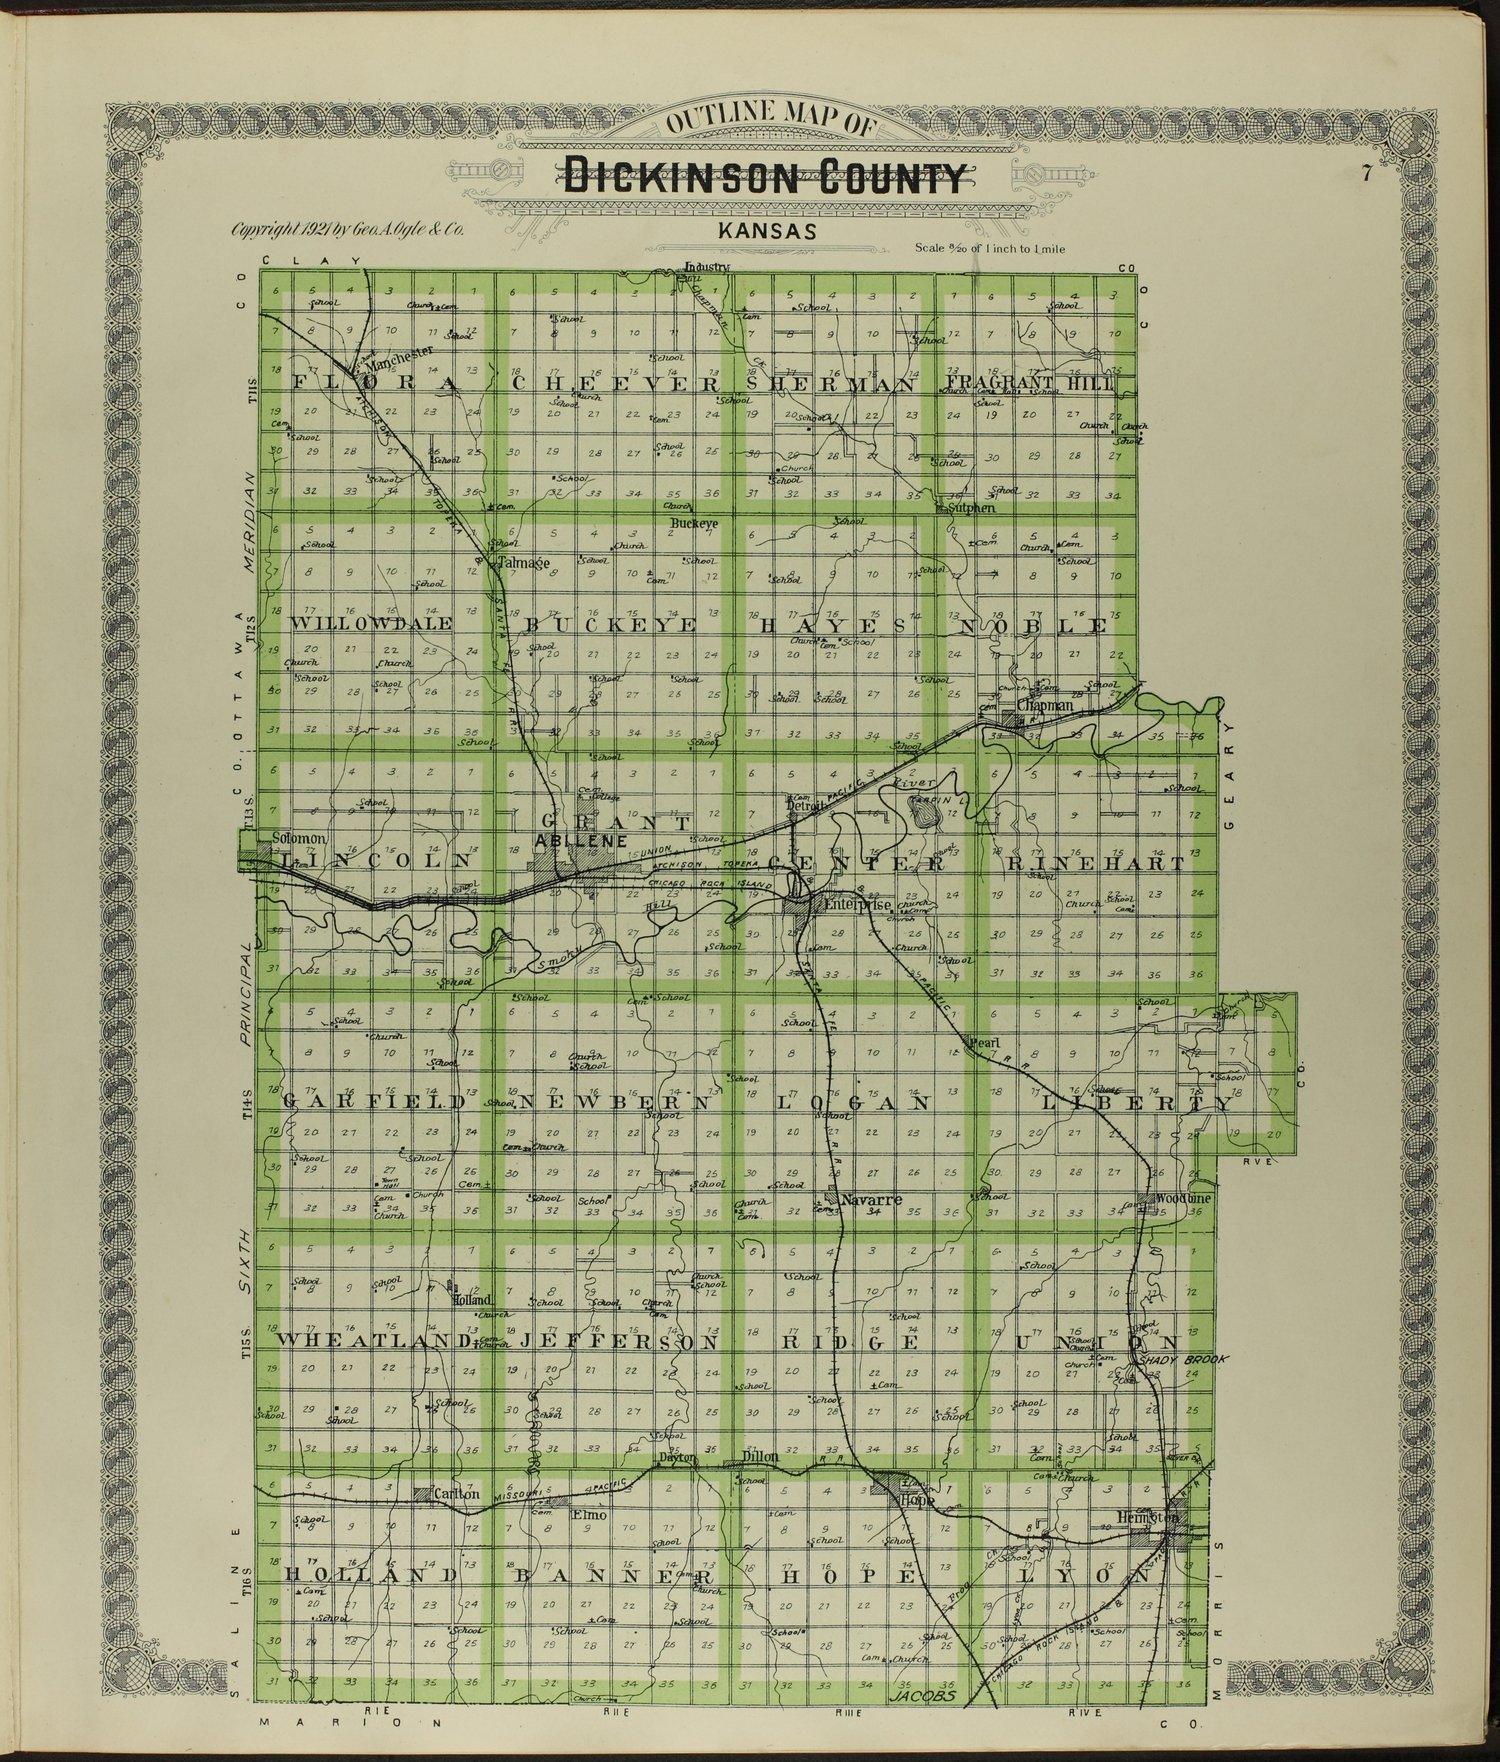 Standard atlas of Dickinson County, Kansas - 7